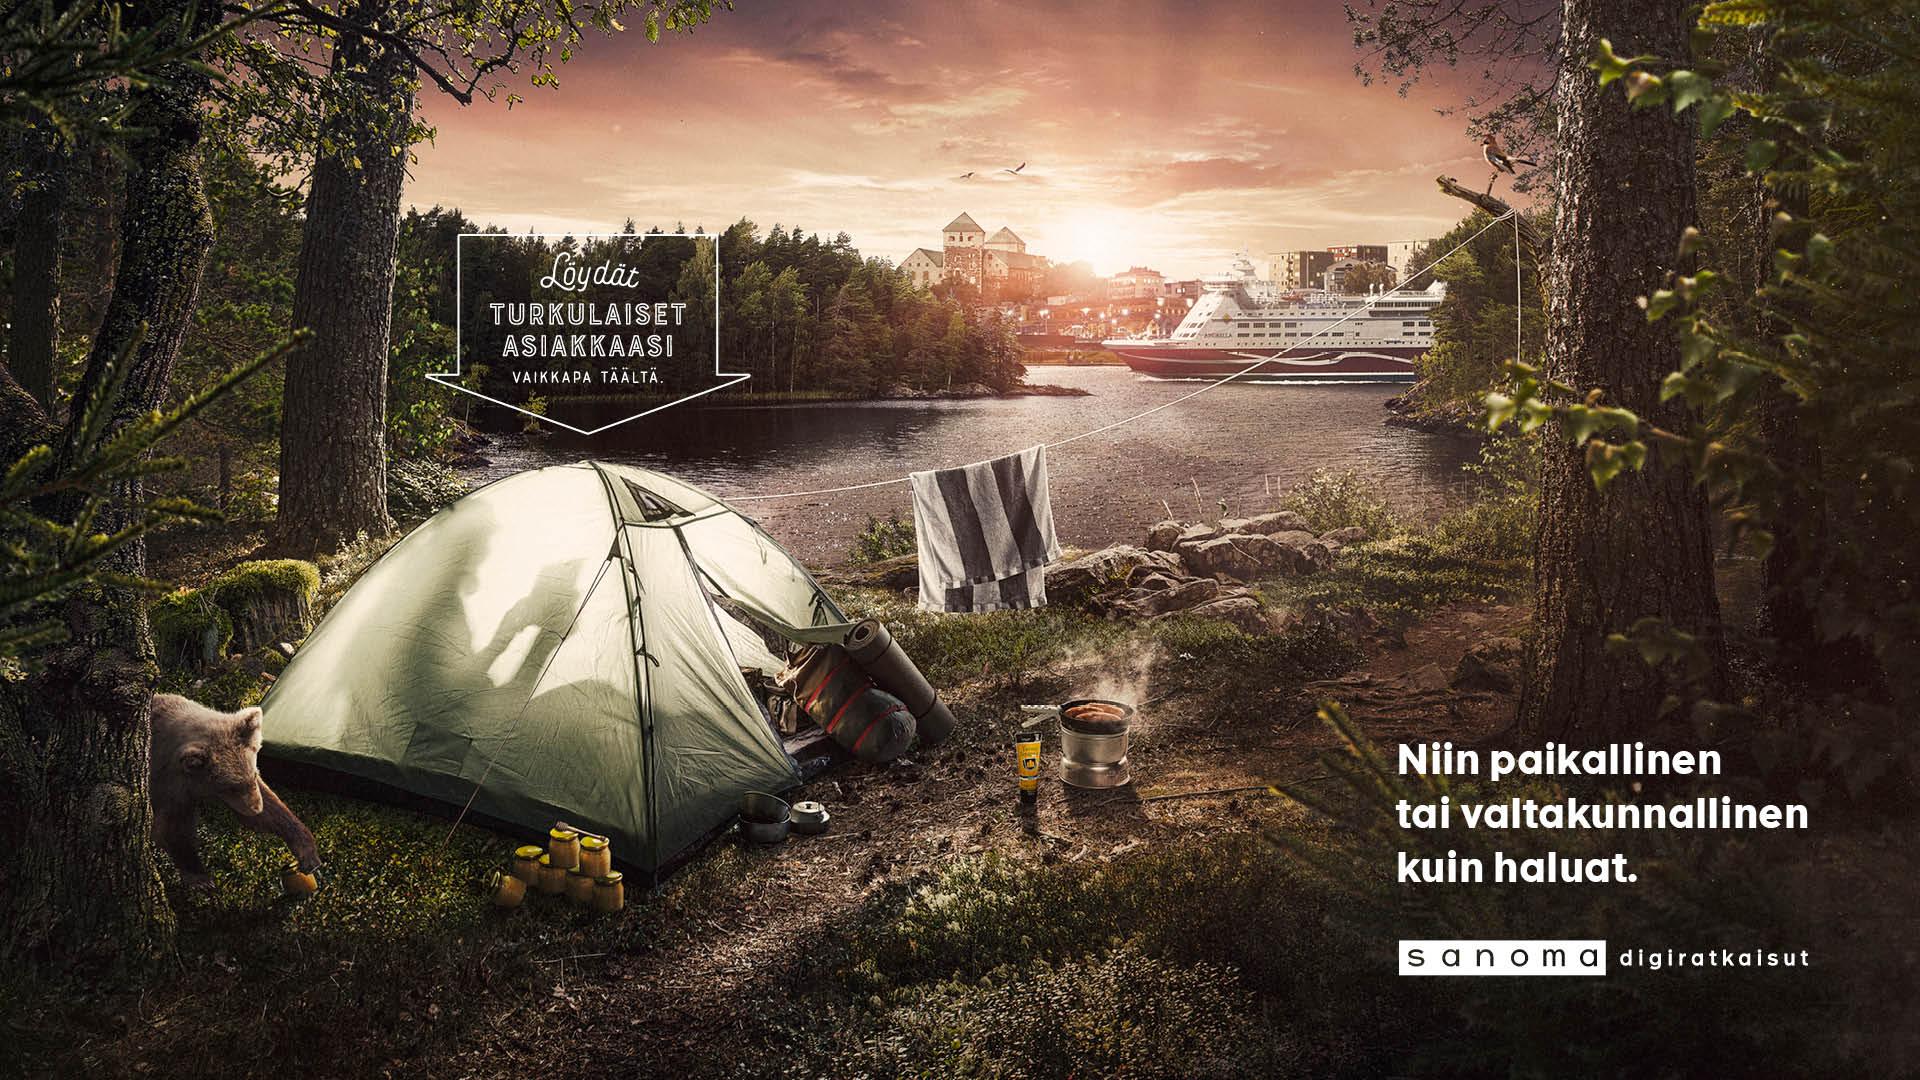 Sanoma - Turku